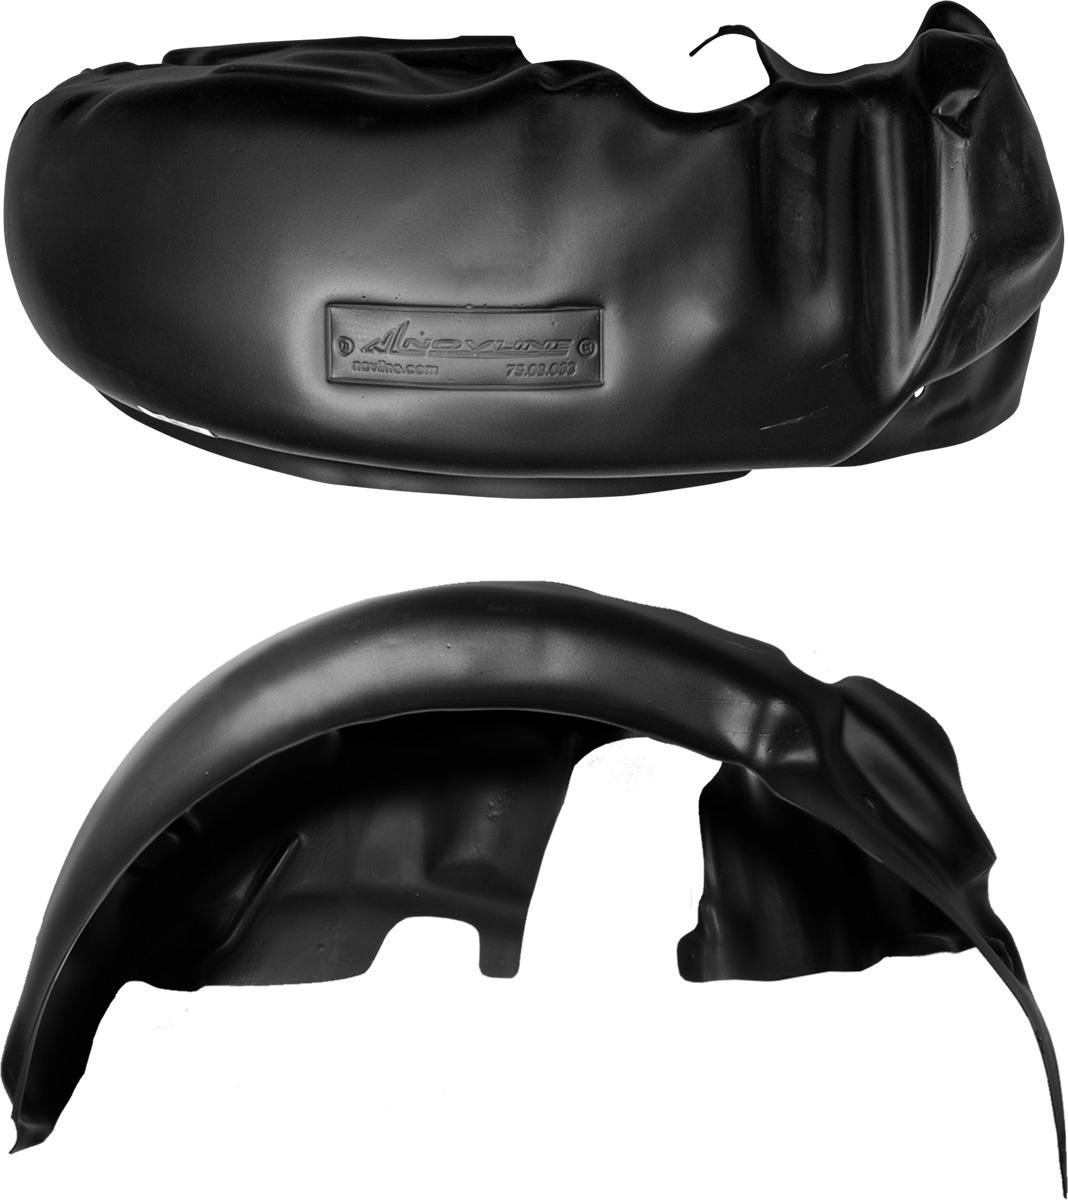 Подкрылок Novline-Autofamily, для Kia Rio, 2012-> хэтчбек, задний левыйNLL.25.39.003Колесные ниши - одни из самых уязвимых зон днища вашего автомобиля. Они постоянно подвергаются воздействию со стороны дороги. Лучшая, почти абсолютная защита для них - специально отформованные пластиковые кожухи, которые называются подкрылками. Производятся они как для отечественных моделей автомобилей, так и для иномарок. Подкрылки Novline-Autofamily выполнены из высококачественного, экологически чистого пластика. Обеспечивают надежную защиту кузова автомобиля от пескоструйного эффекта и негативного влияния, агрессивных антигололедных реагентов. Пластик обладает более низкой теплопроводностью, чем металл, поэтому в зимний период эксплуатации использование пластиковых подкрылков позволяет лучше защитить колесные ниши от налипания снега и образования наледи. Оригинальность конструкции подчеркивает элегантность автомобиля, бережно защищает нанесенное на днище кузова антикоррозийное покрытие и позволяет осуществить крепление подкрылков внутри колесной арки практически без дополнительного крепежа и сверления, не нарушая при этом лакокрасочного покрытия, что предотвращает возникновение новых очагов коррозии. Подкрылки долговечны, обладают высокой прочностью и сохраняют заданную форму, а также все свои физико-механические характеристики в самых тяжелых климатических условиях (от -50°С до +50°С).Уважаемые клиенты!Обращаем ваше внимание, на тот факт, что подкрылок имеет форму, соответствующую модели данного автомобиля. Фото служит для визуального восприятия товара.